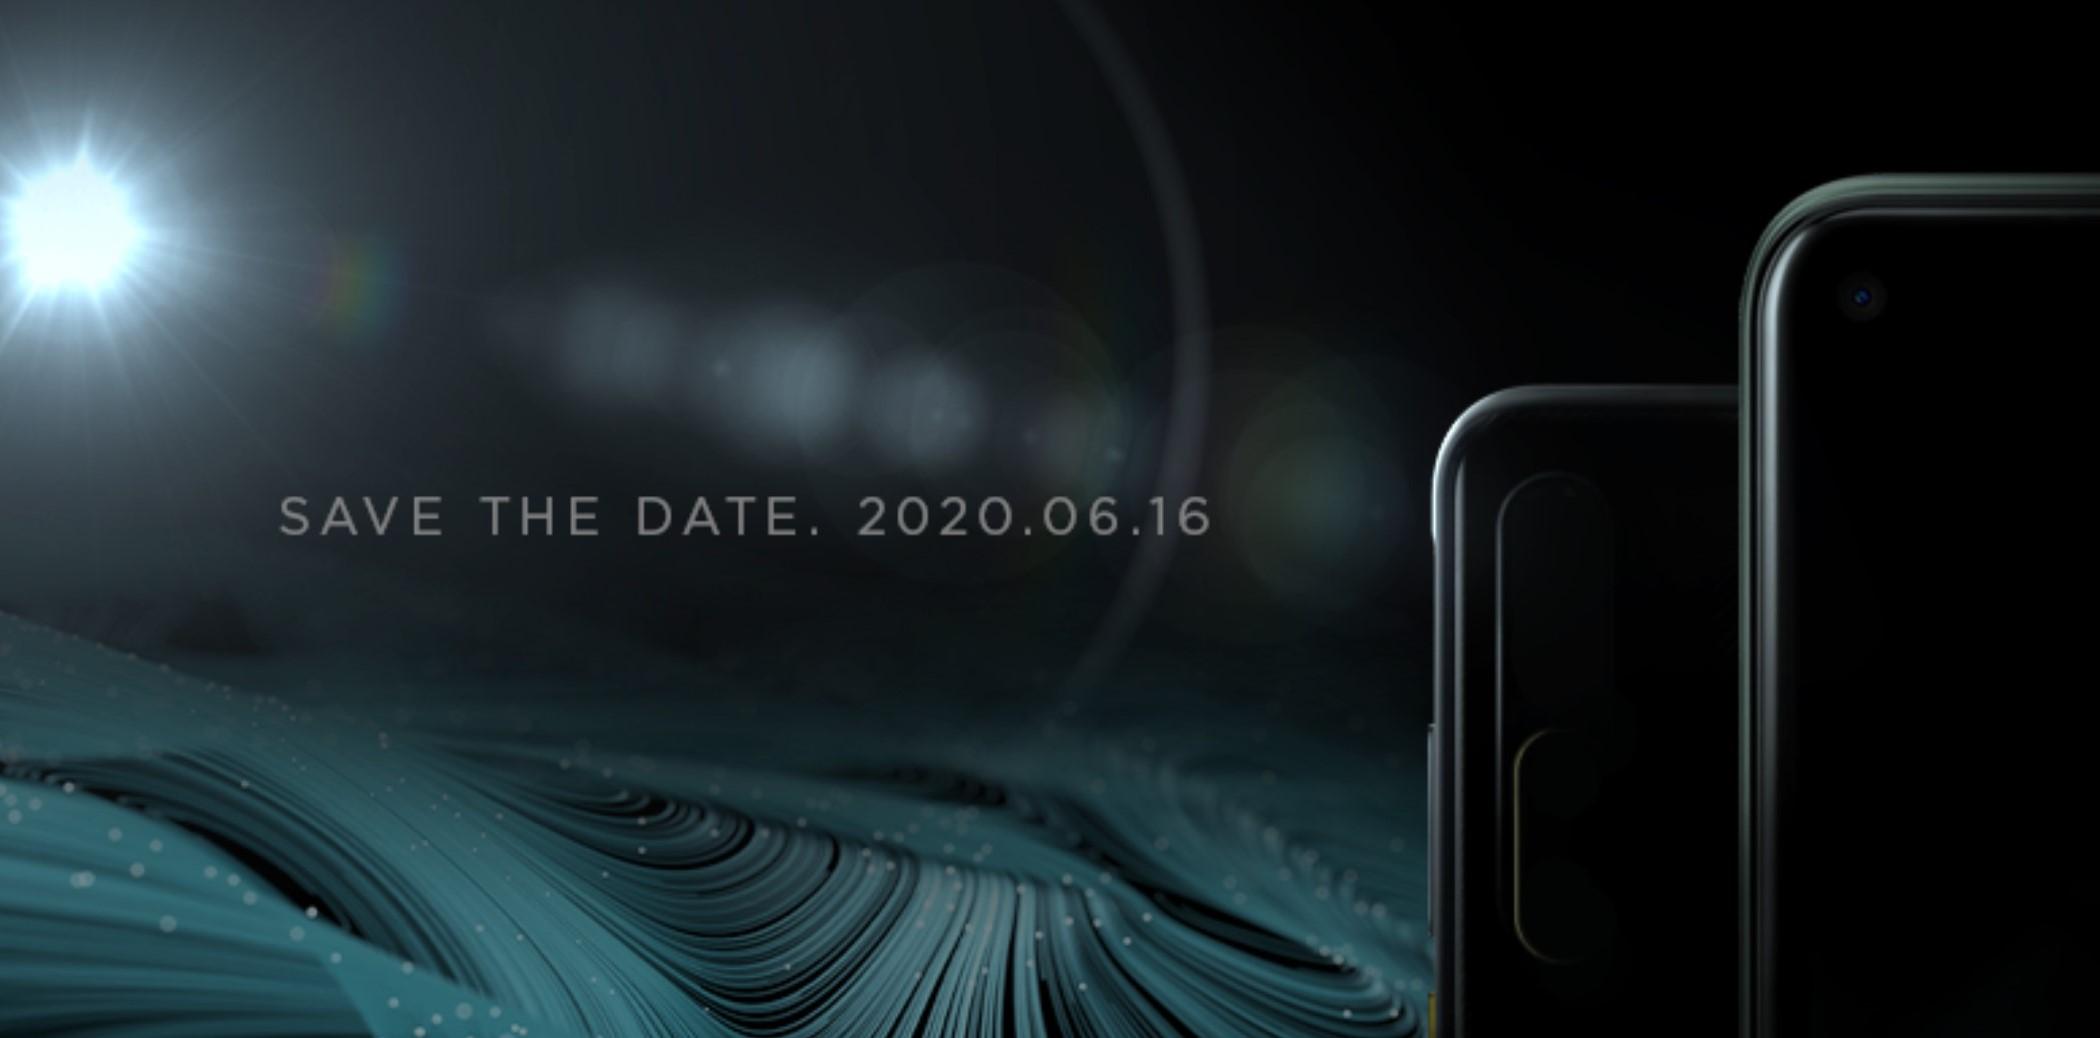 Toż to święto: HTC odkrywa datę prezentacji smartfona Desire 20 Pro 17